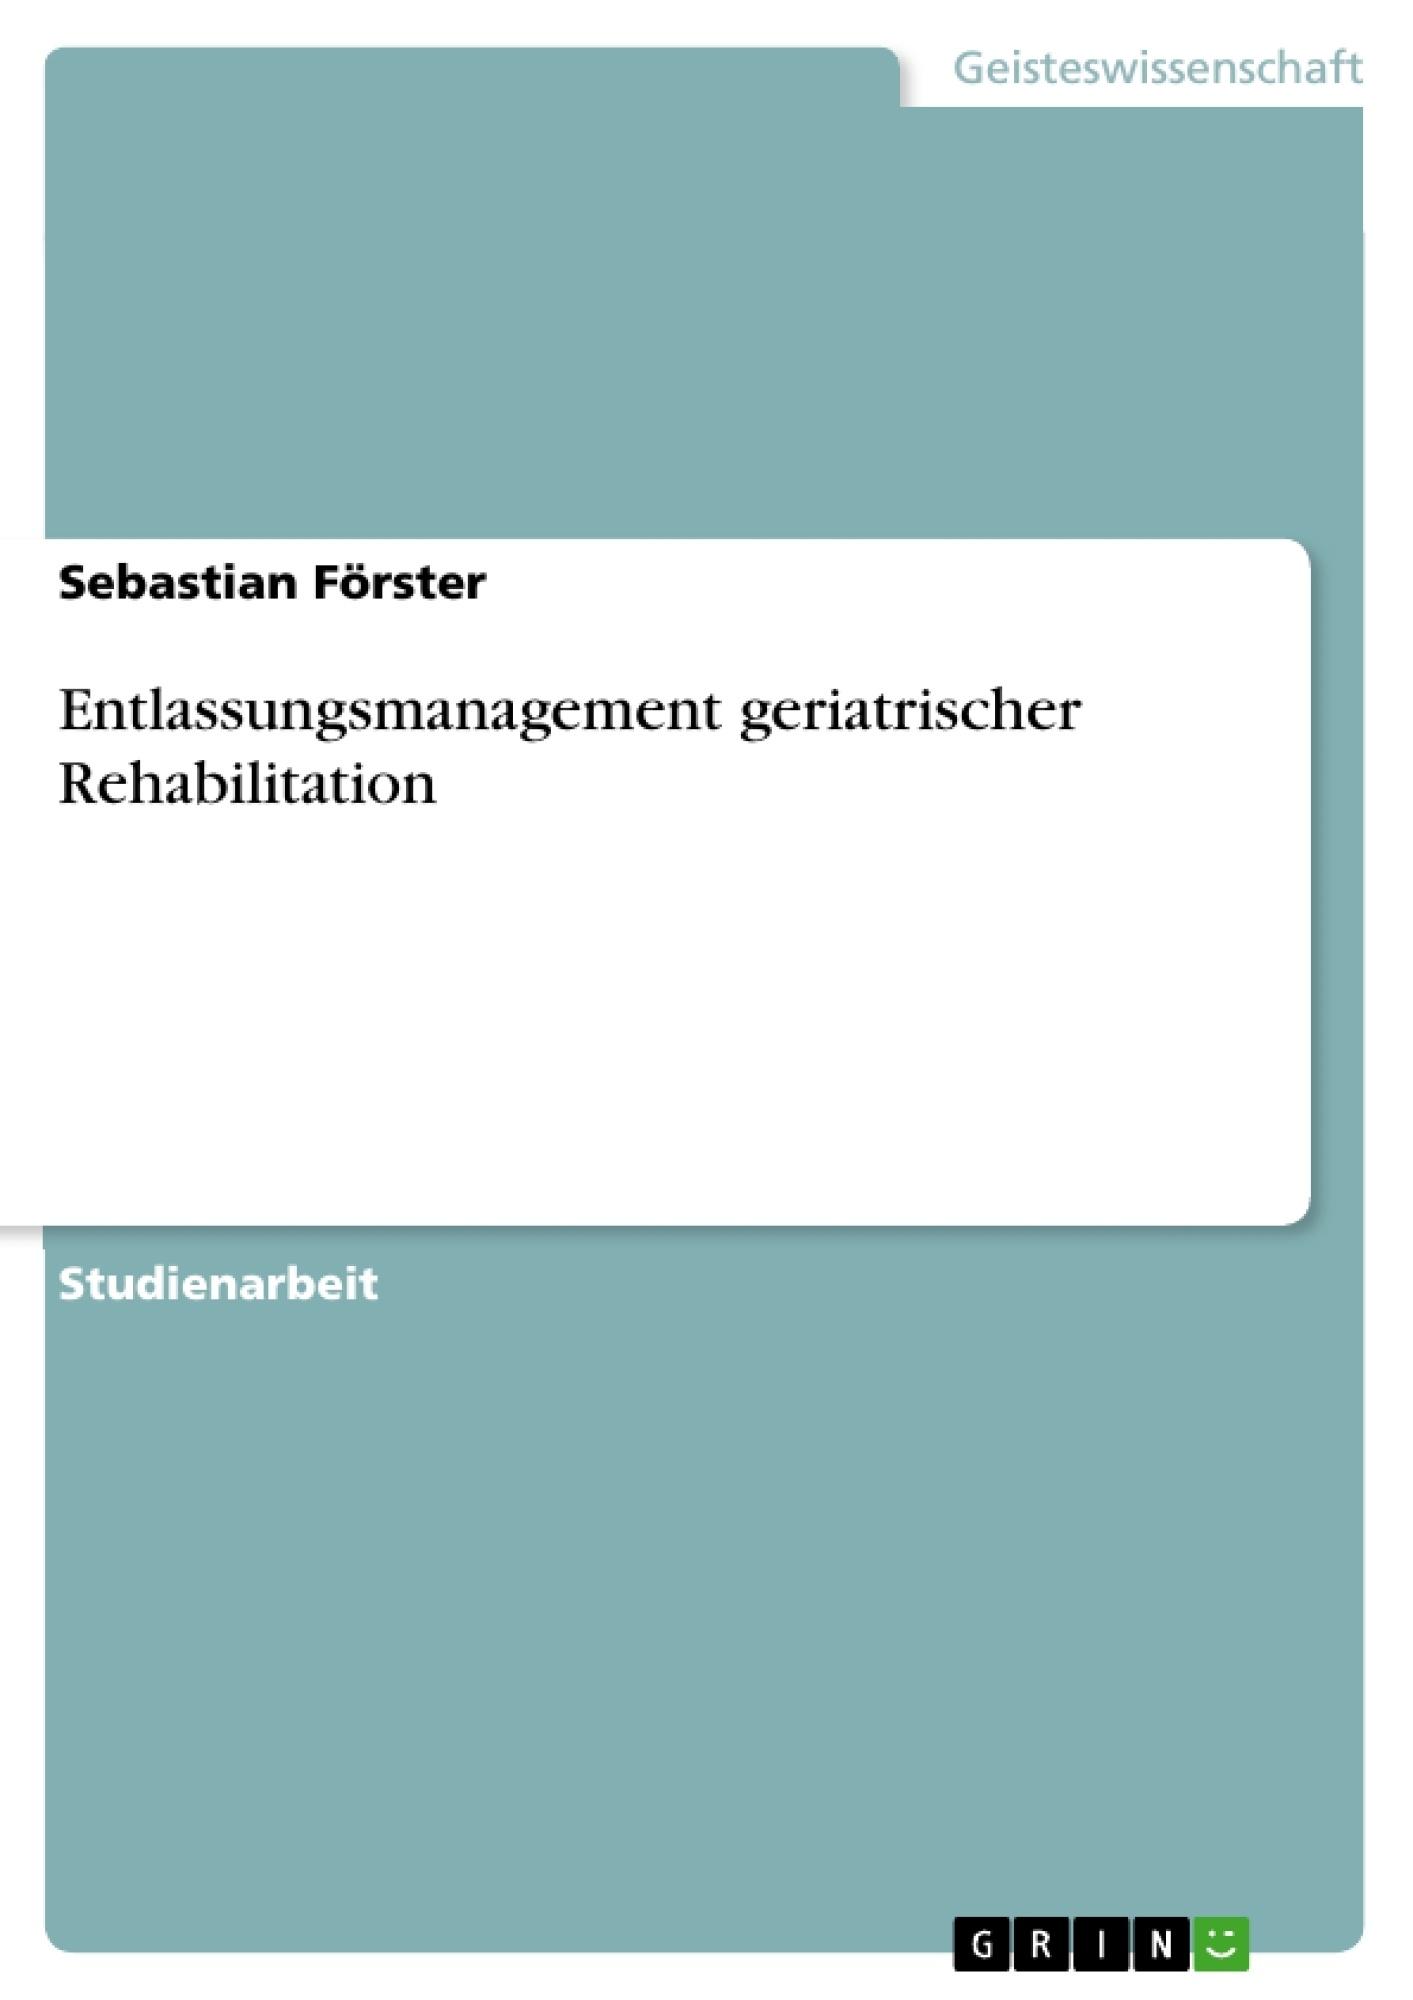 Titel: Entlassungsmanagement geriatrischer Rehabilitation